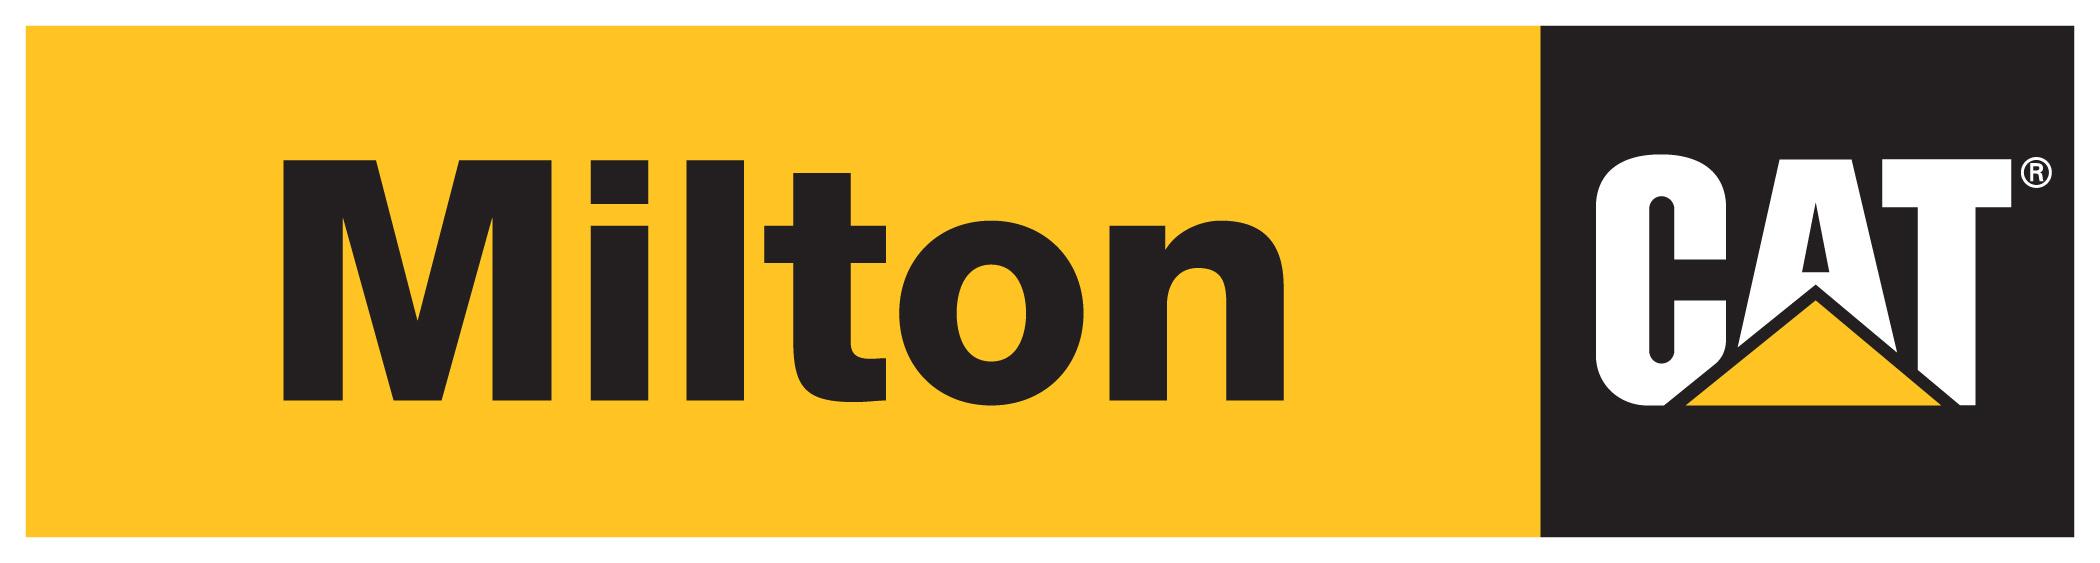 Company Logo Milton CAT